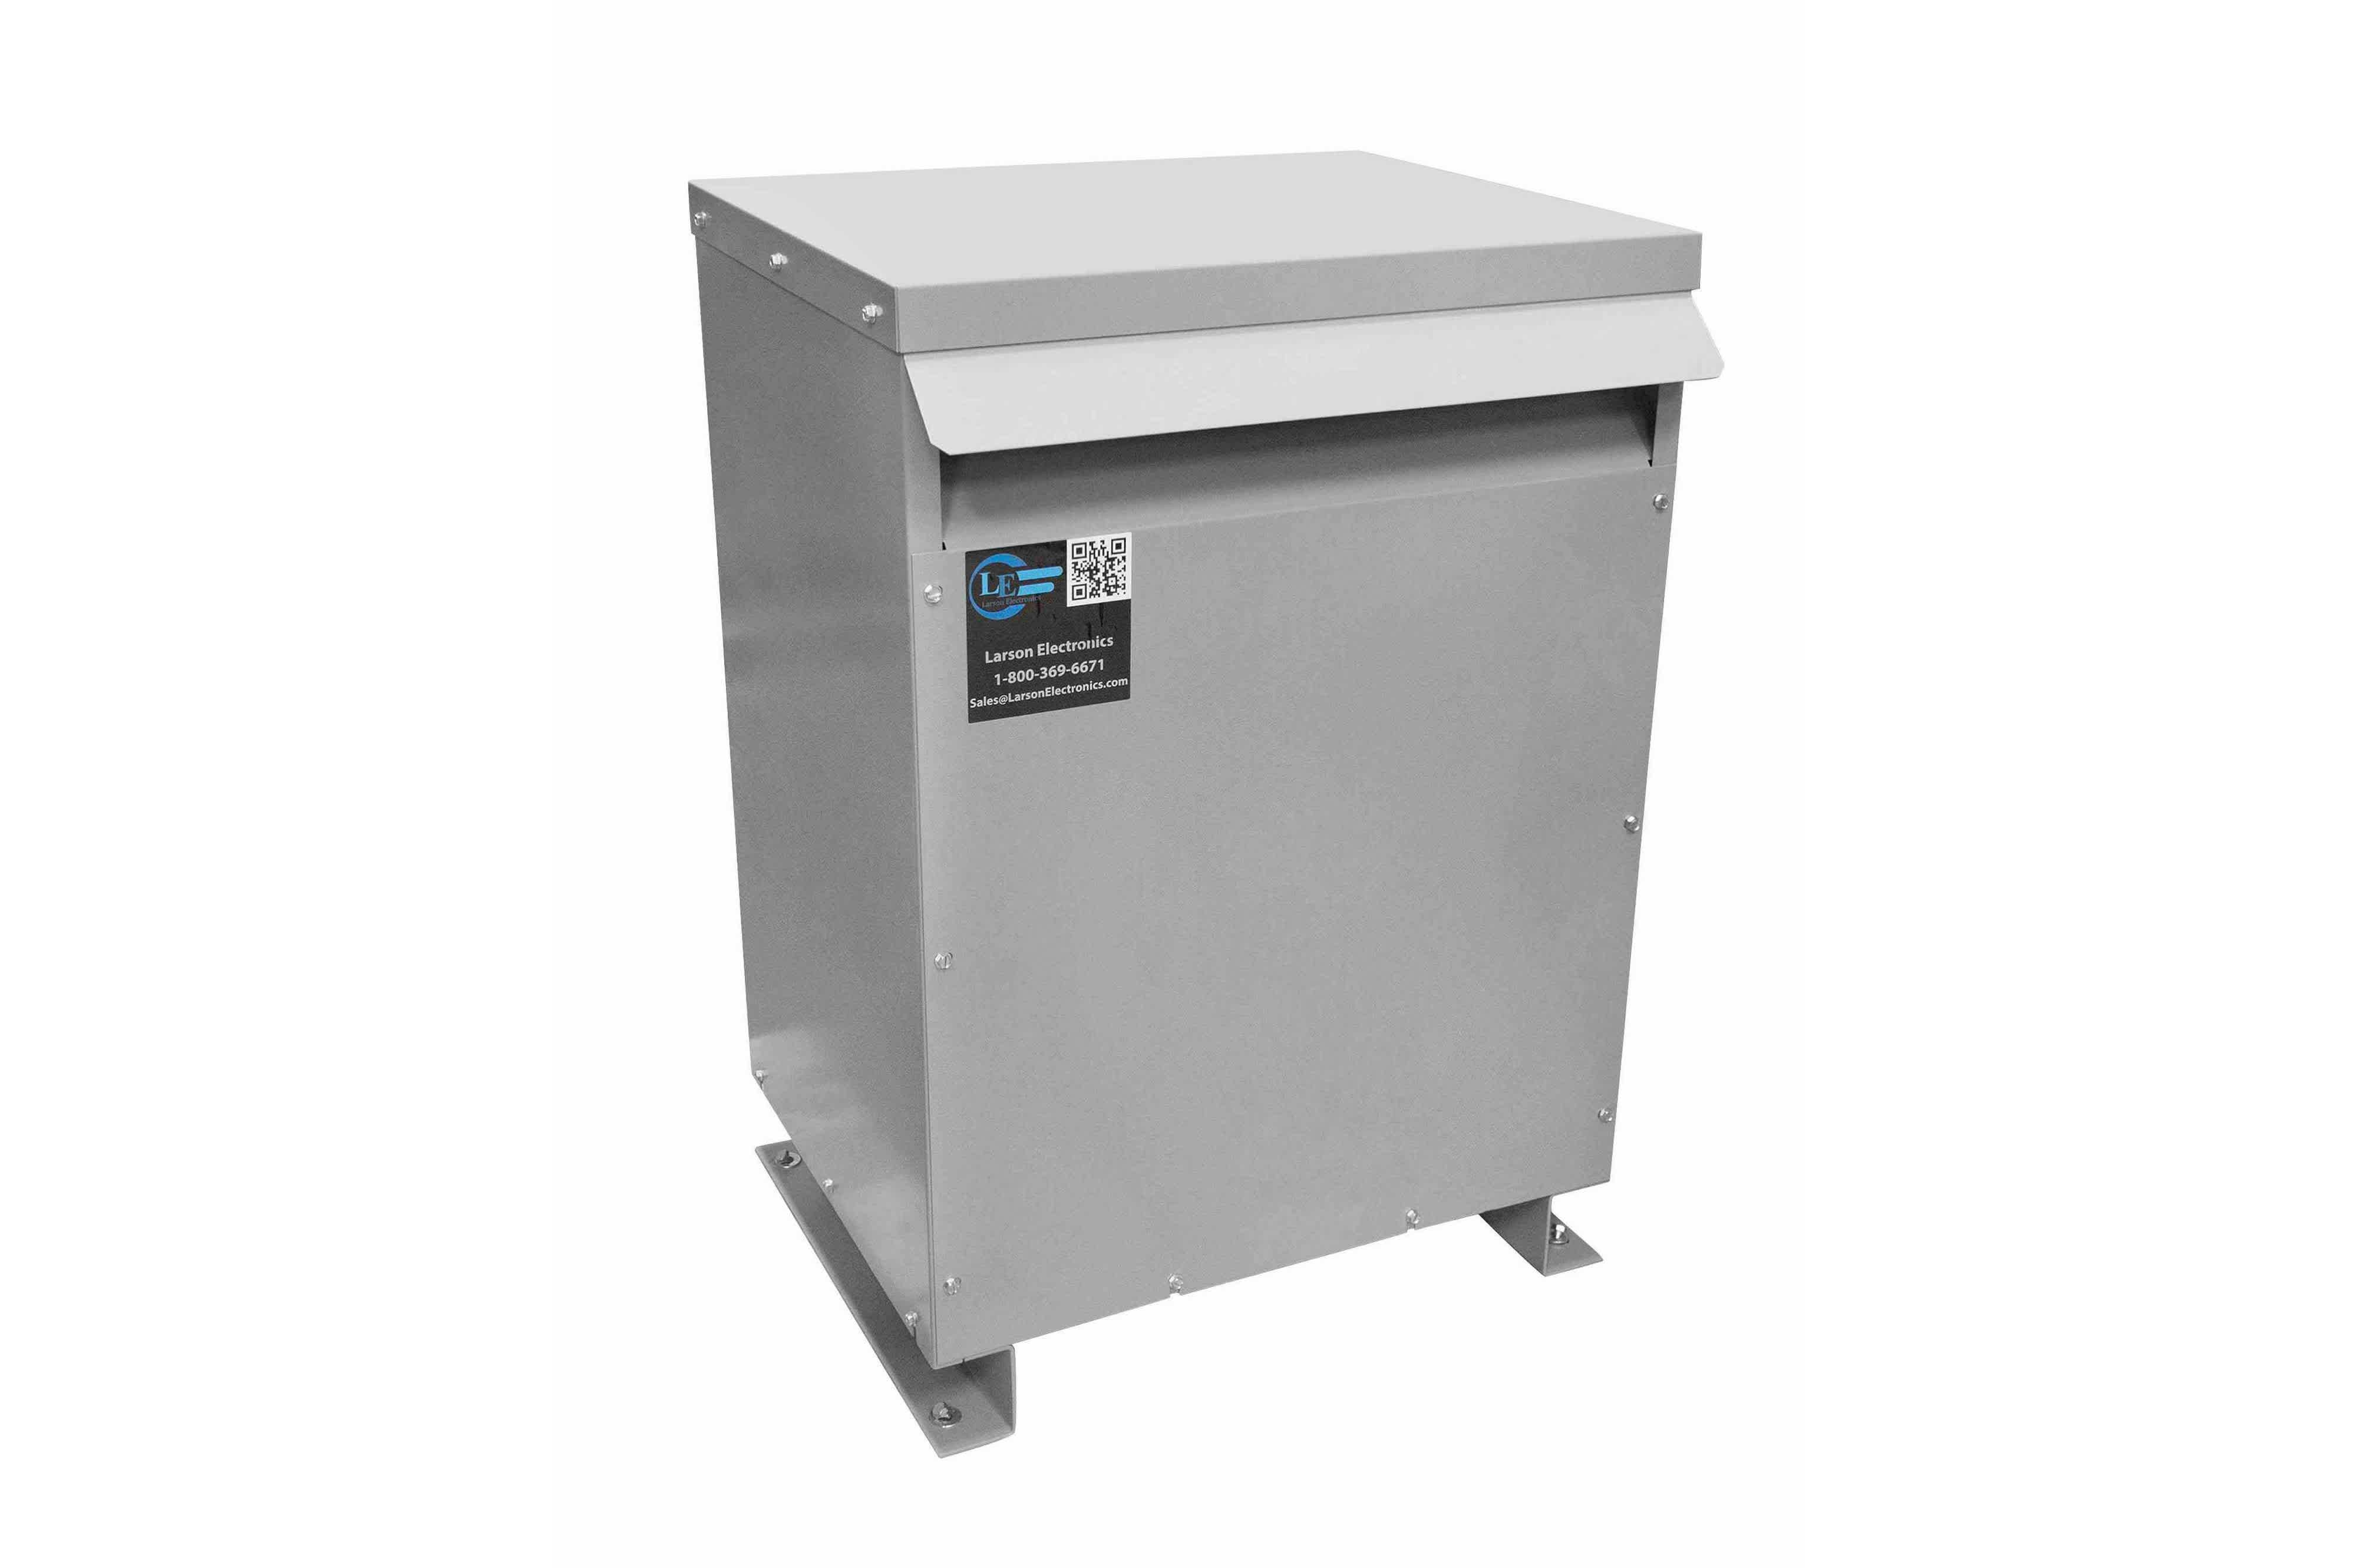 800 kVA 3PH Isolation Transformer, 480V Delta Primary, 575V Delta Secondary, N3R, Ventilated, 60 Hz